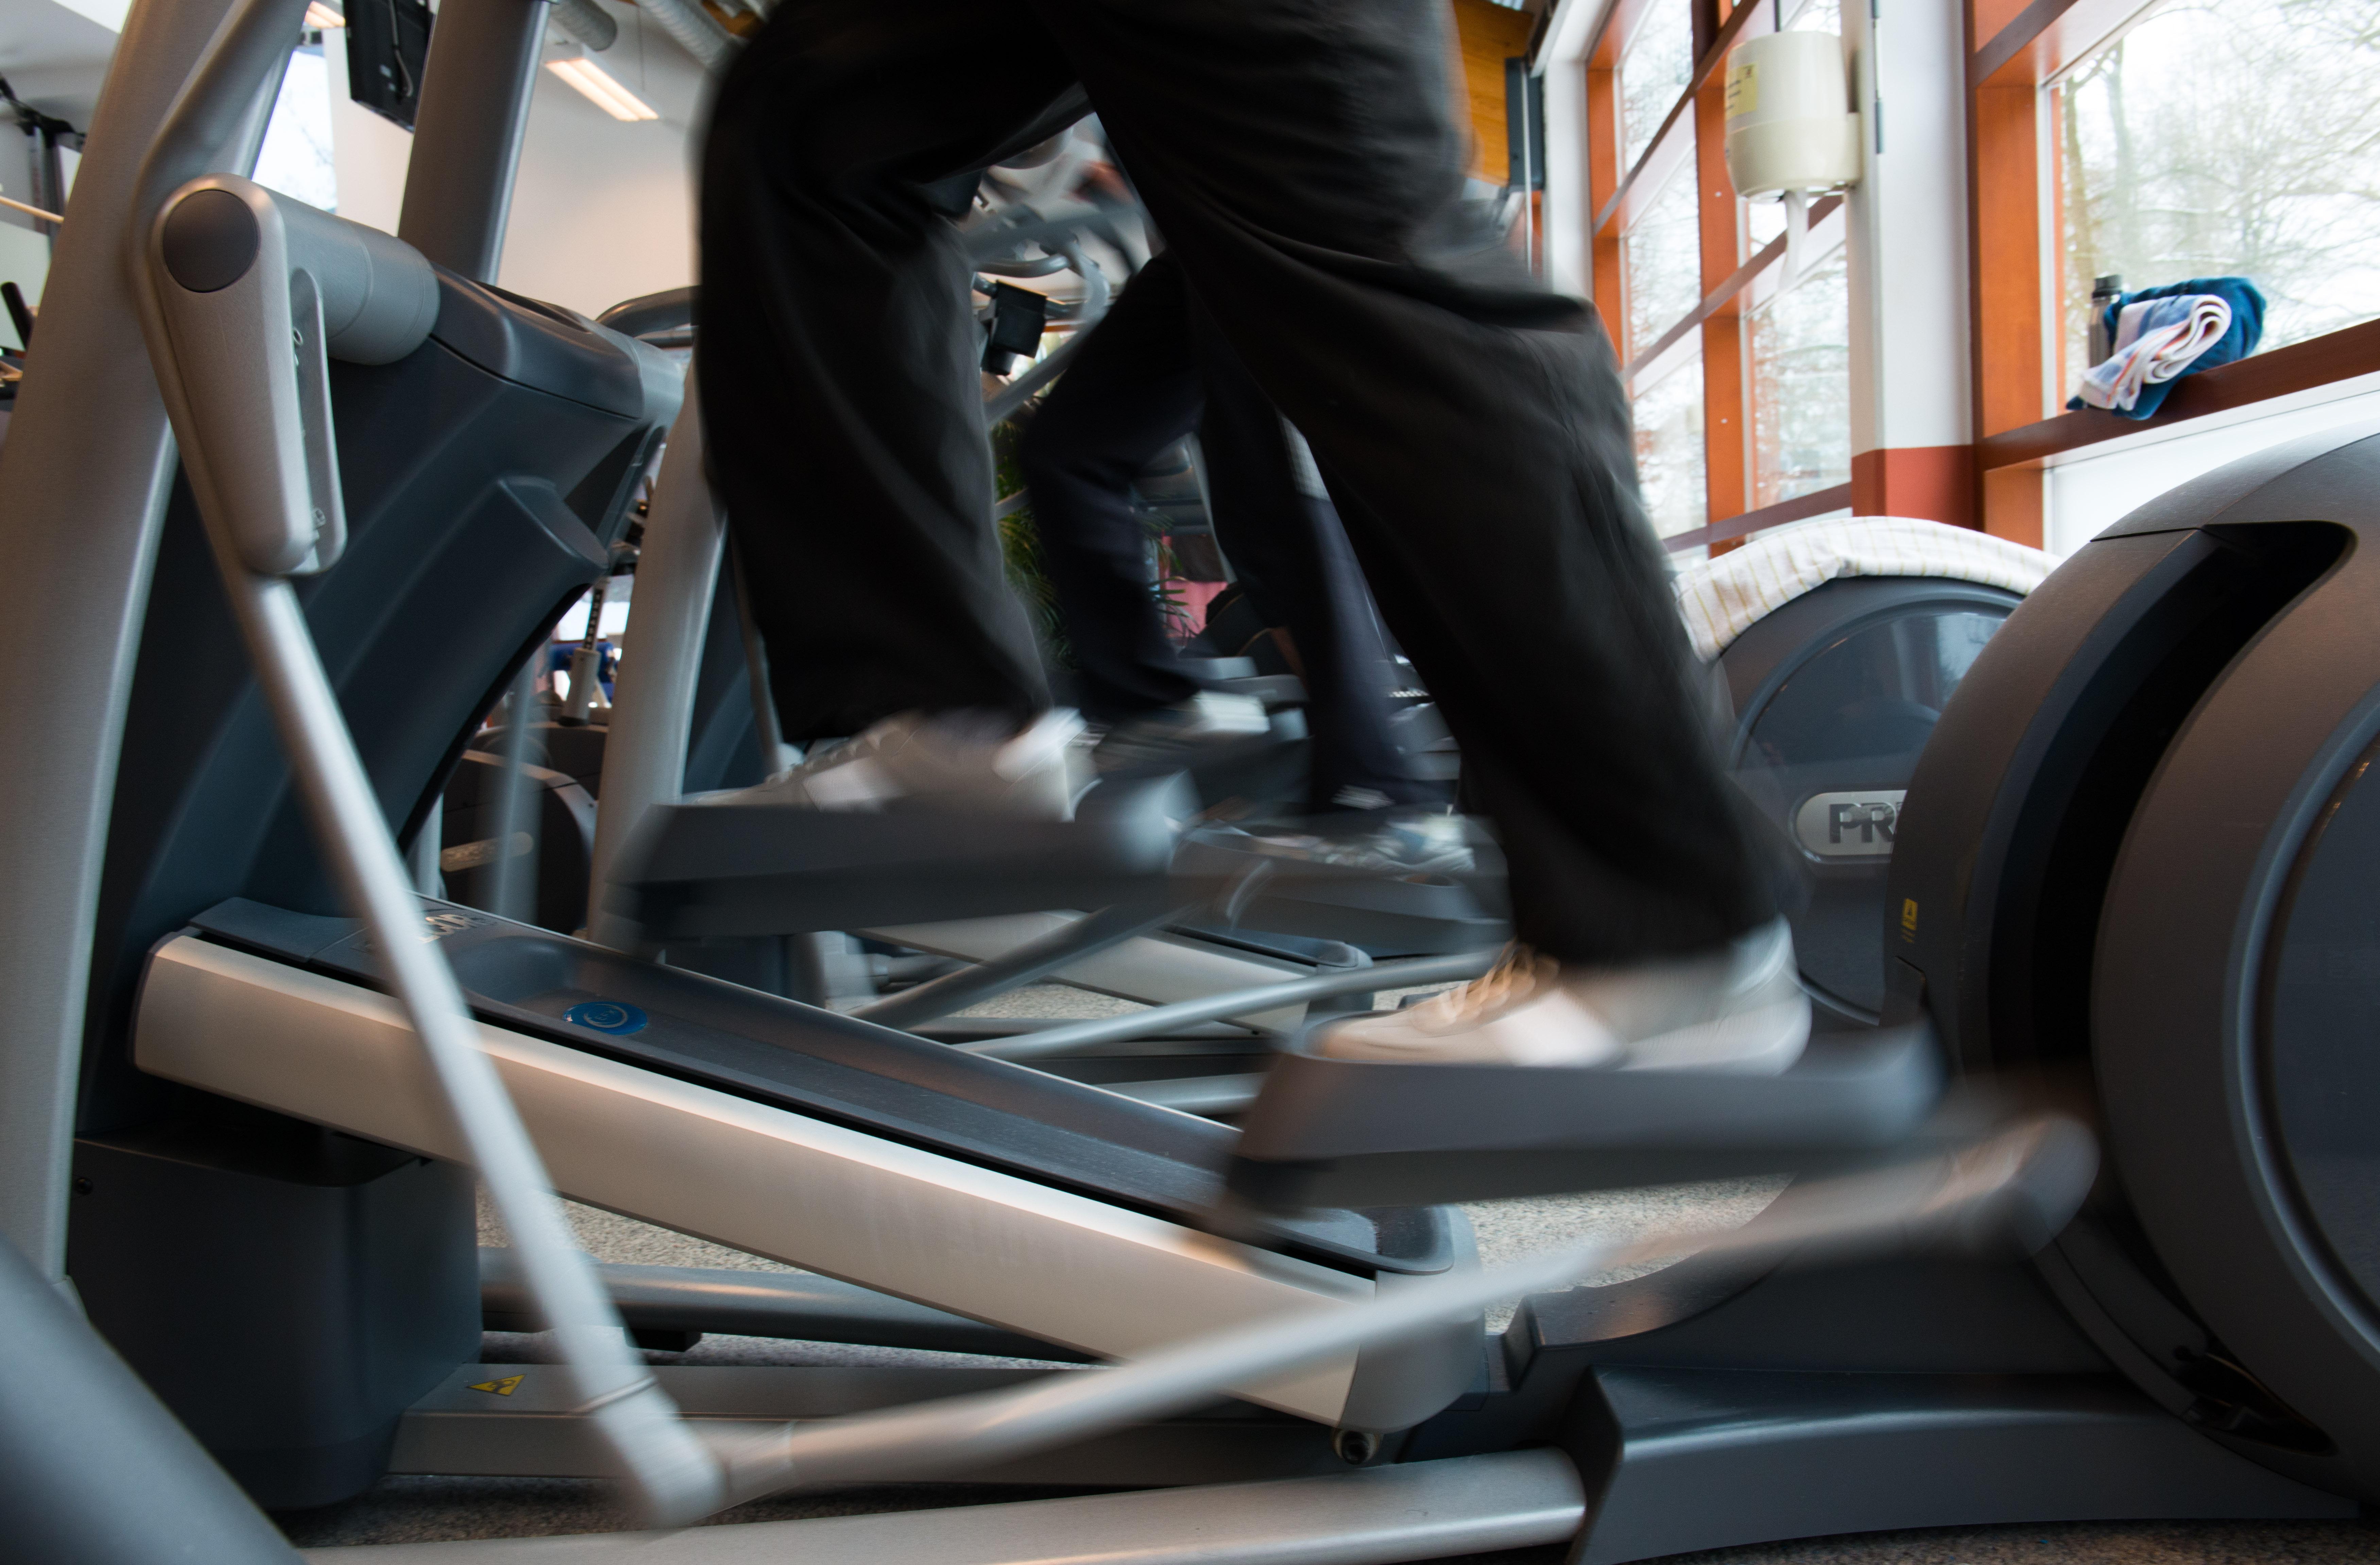 Crosstrainer gehören heute zur Ausstattung eines modernen Fitness-Studios. Foto: Jörg Obernolte